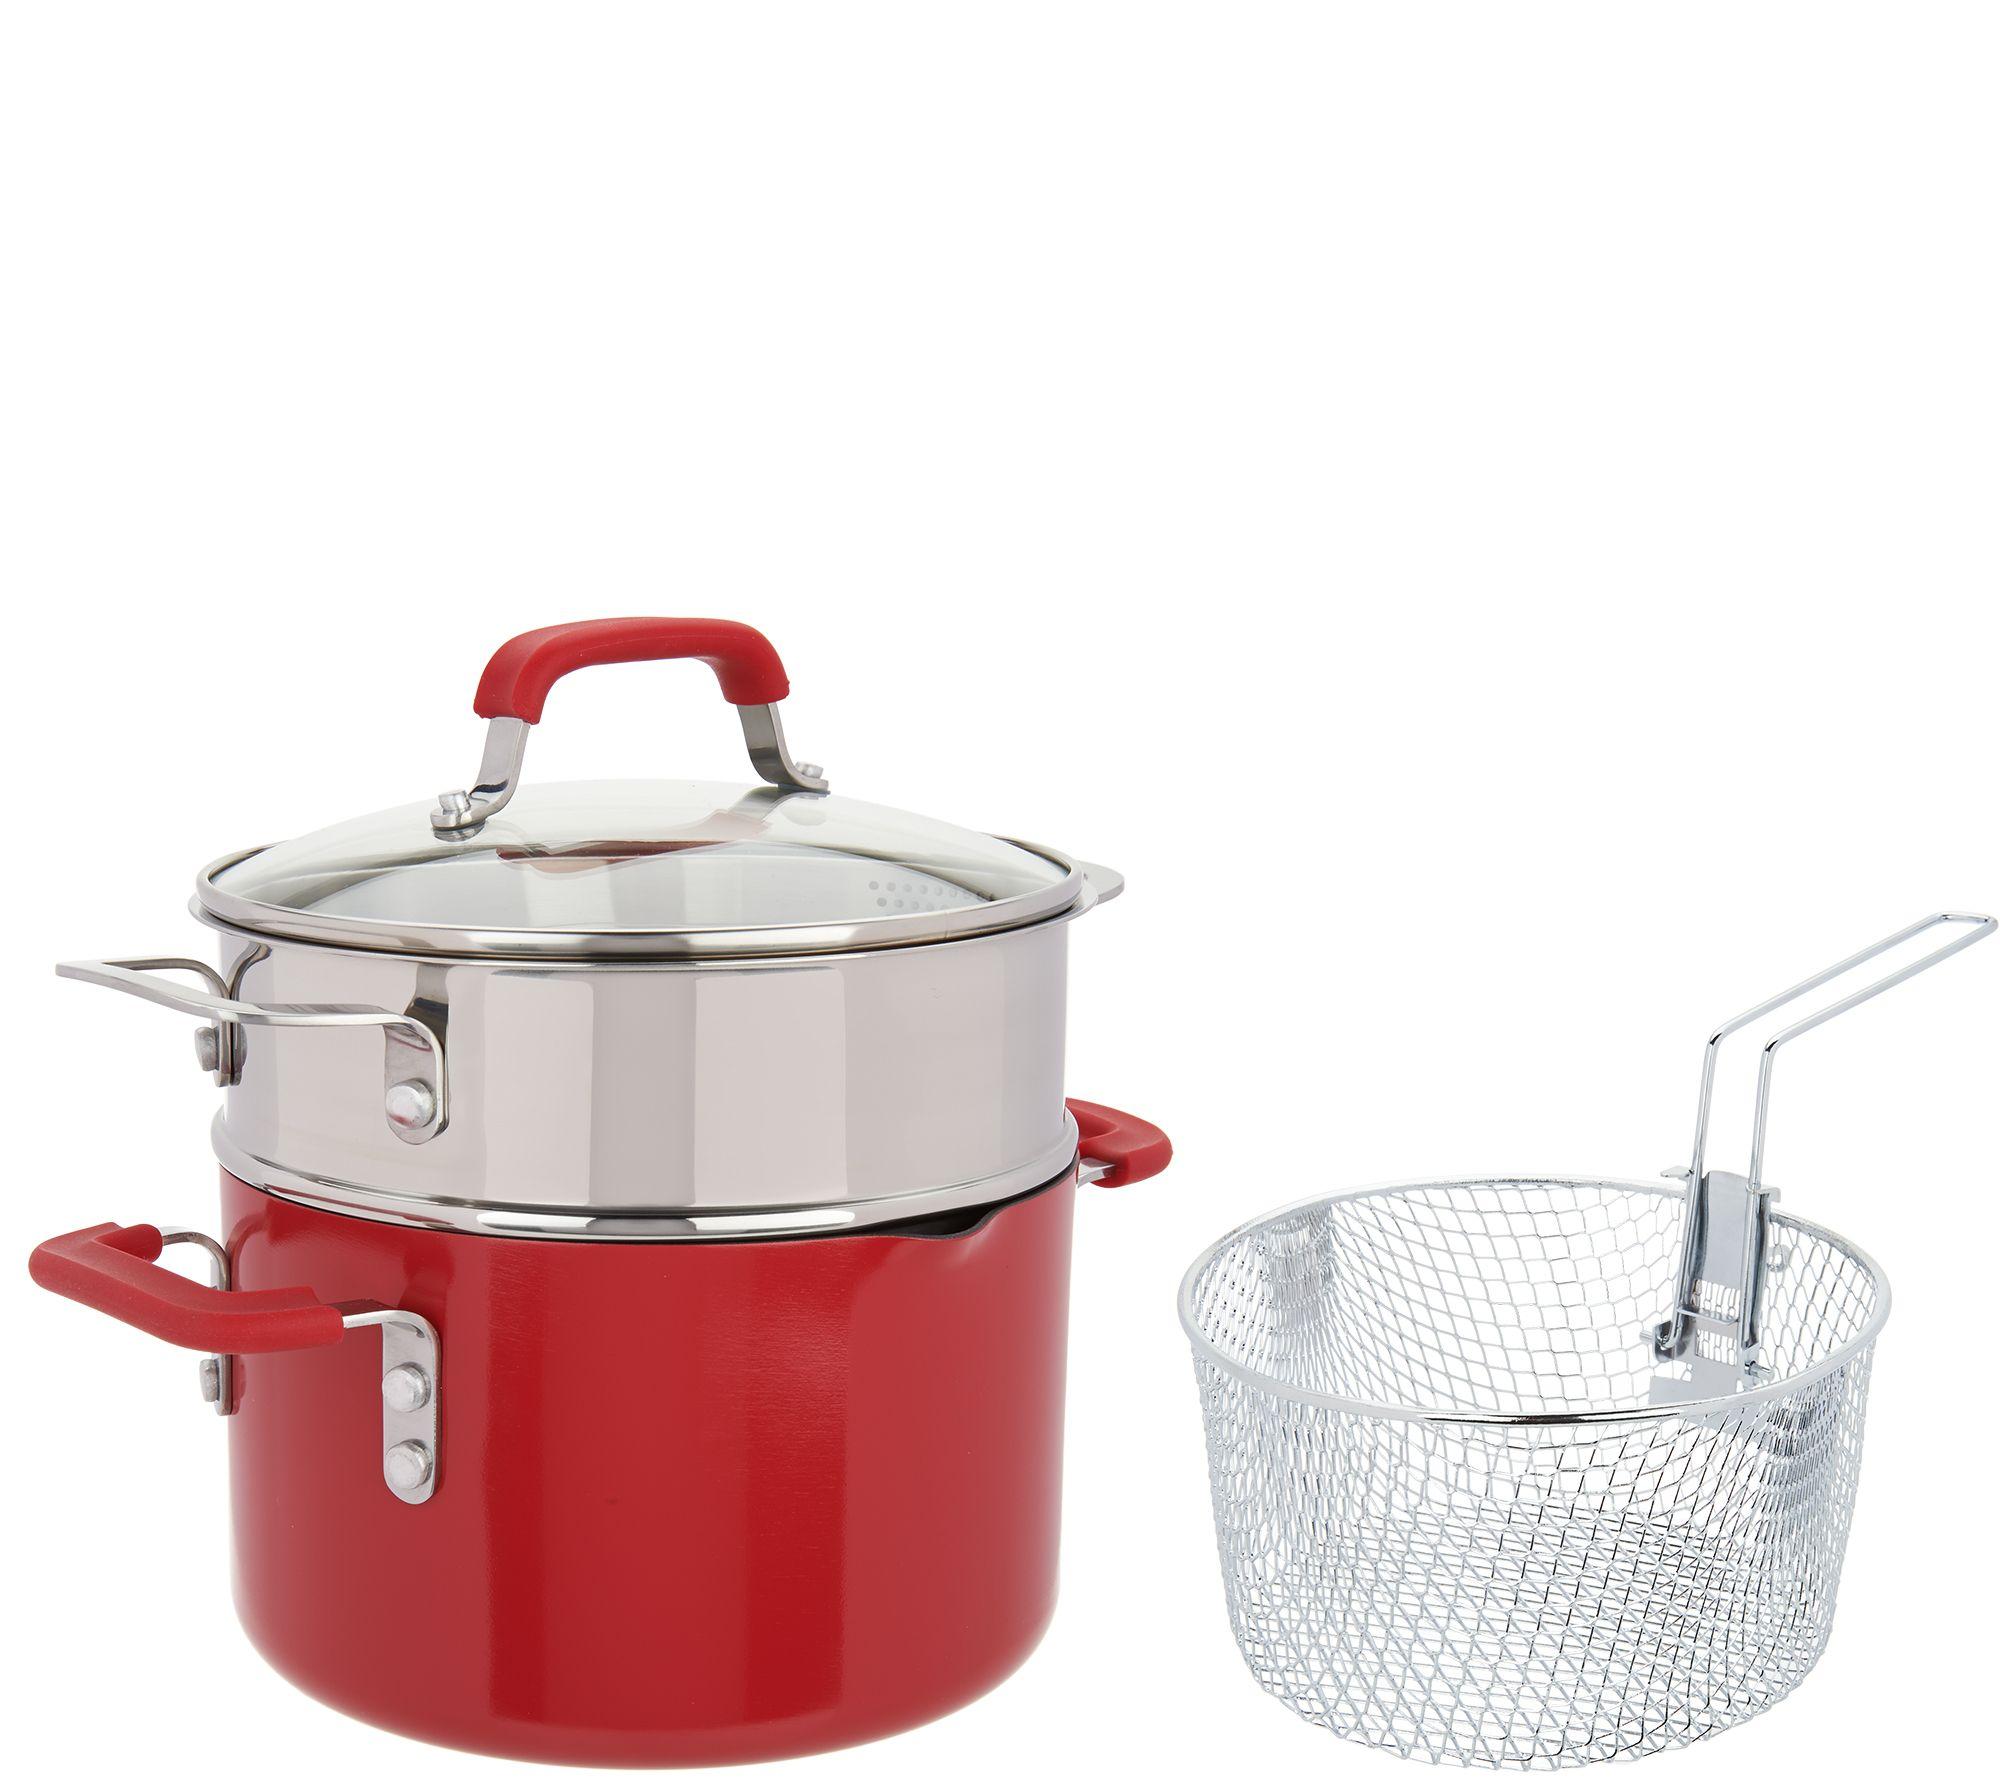 emerils kitchen — kitchen tools, cookbooks & more — qvc